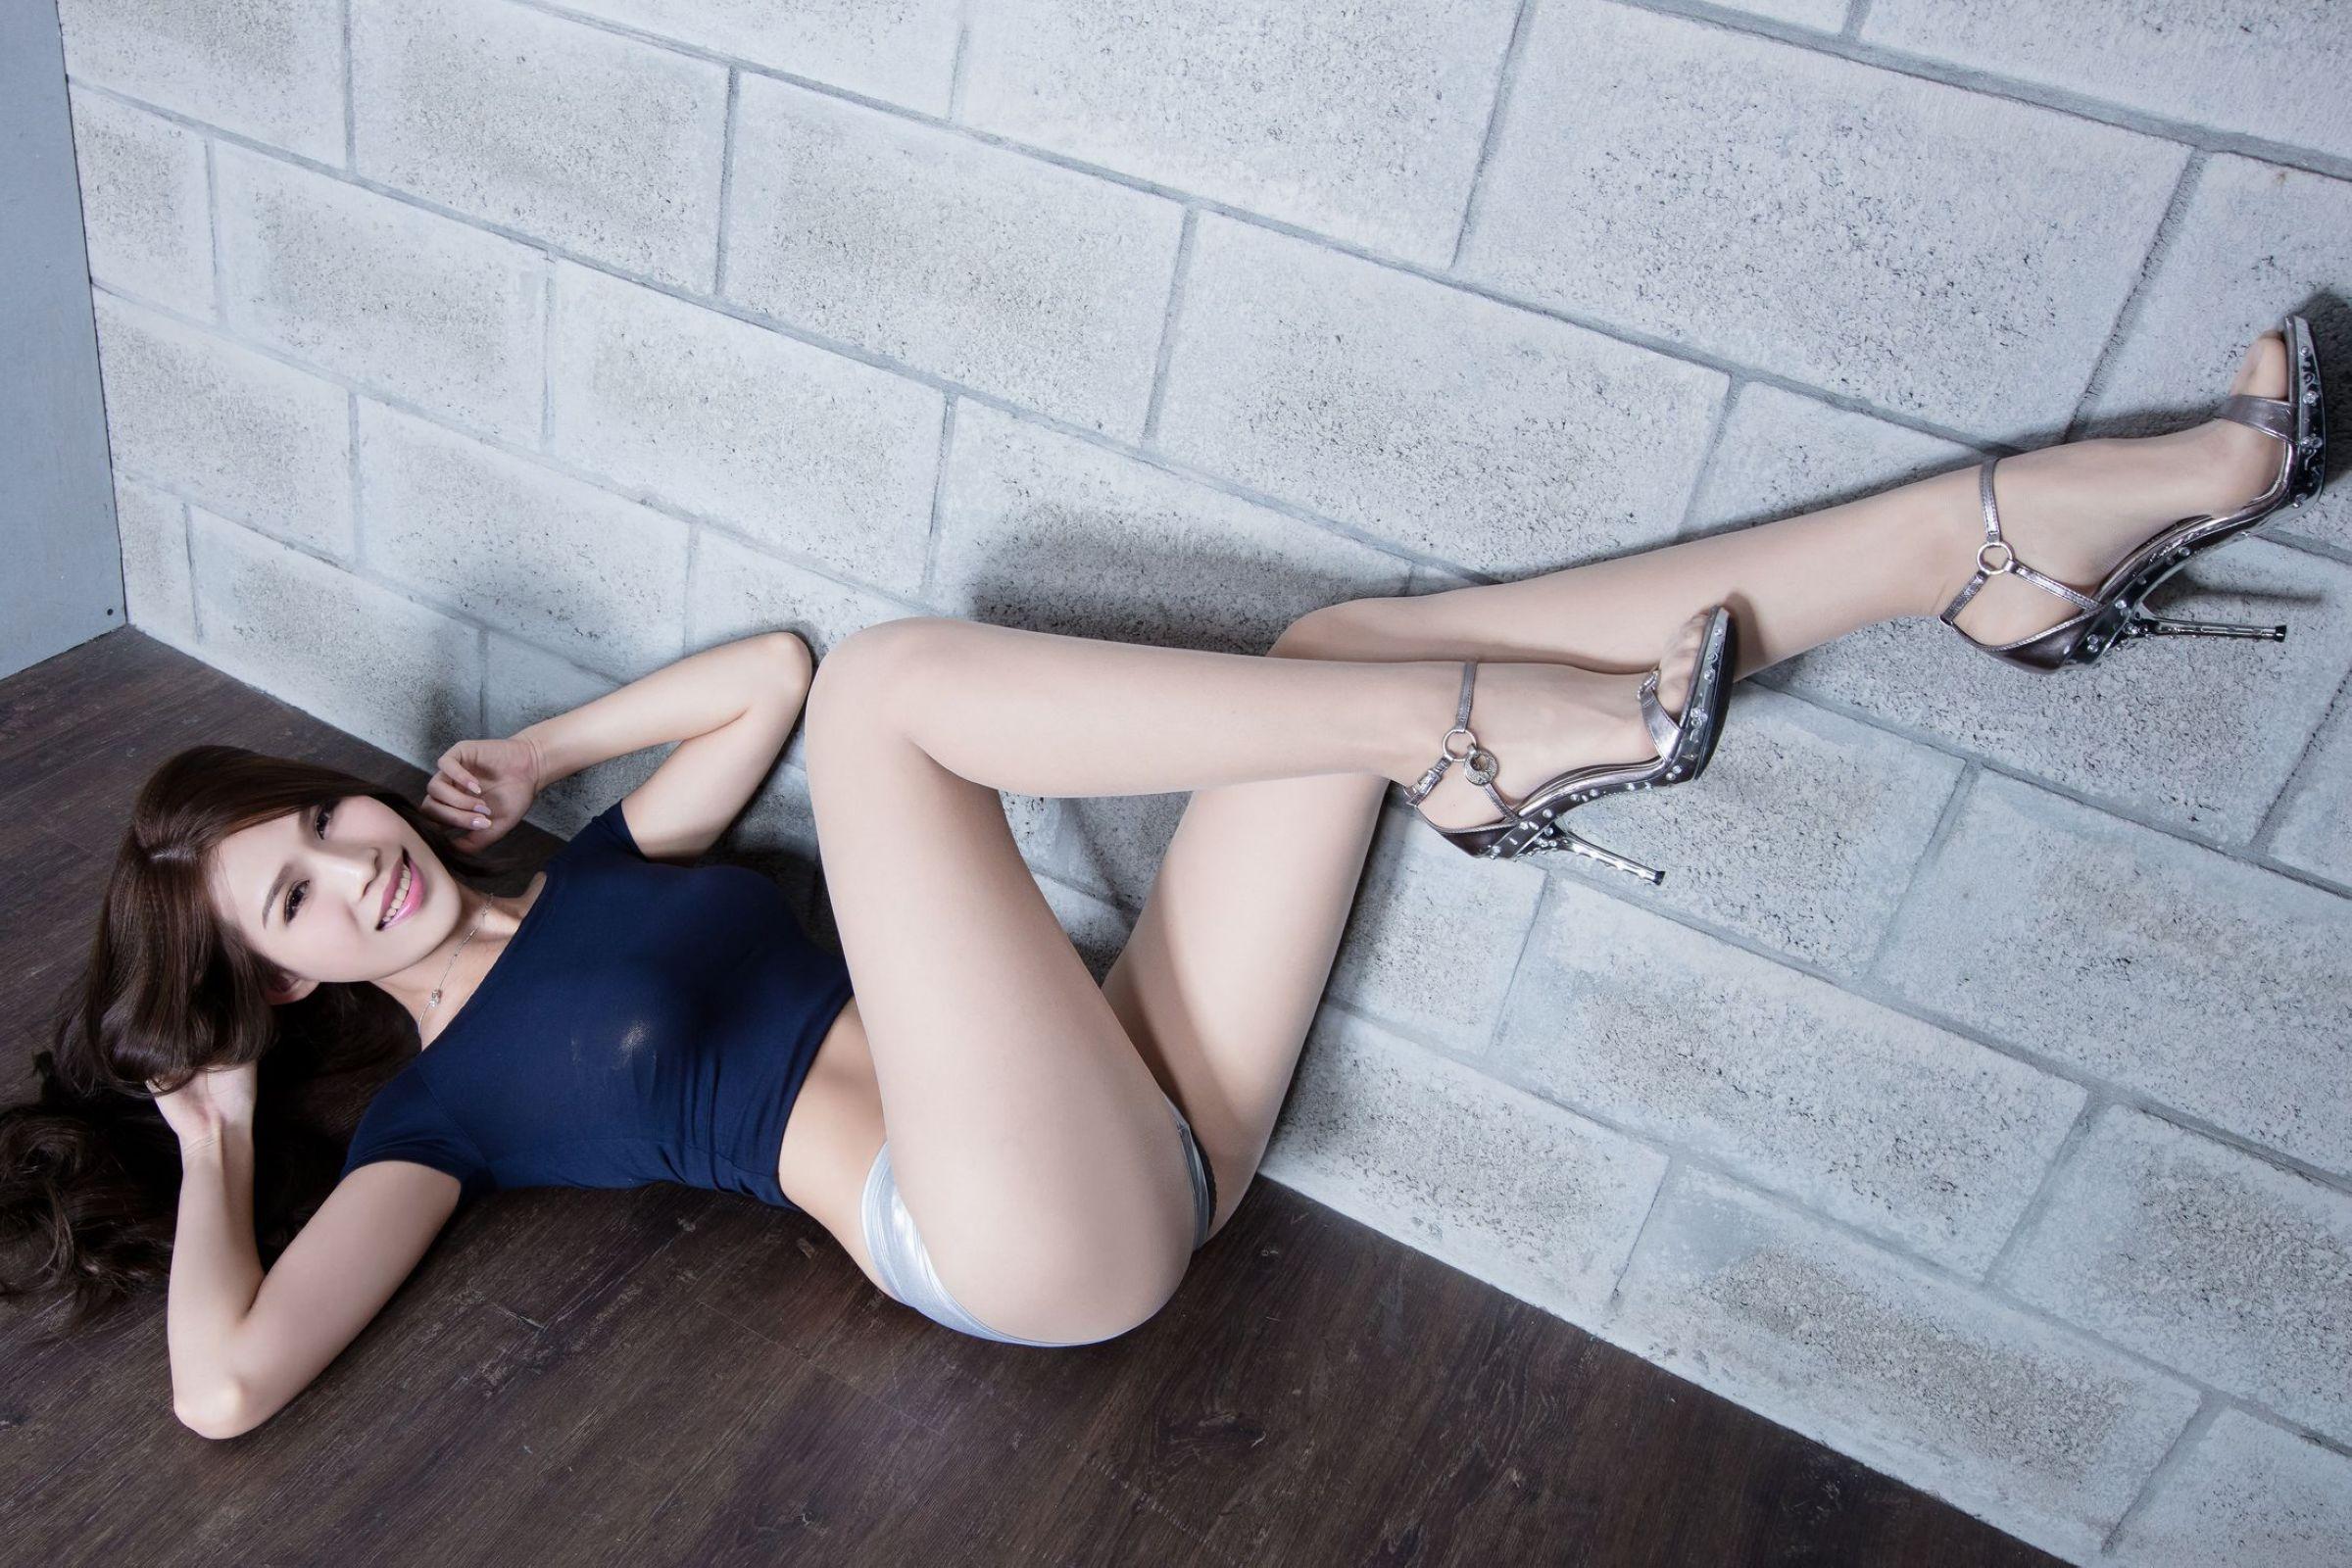 性感衣模  美腿肉丝 - 花開有聲 - 花開有聲